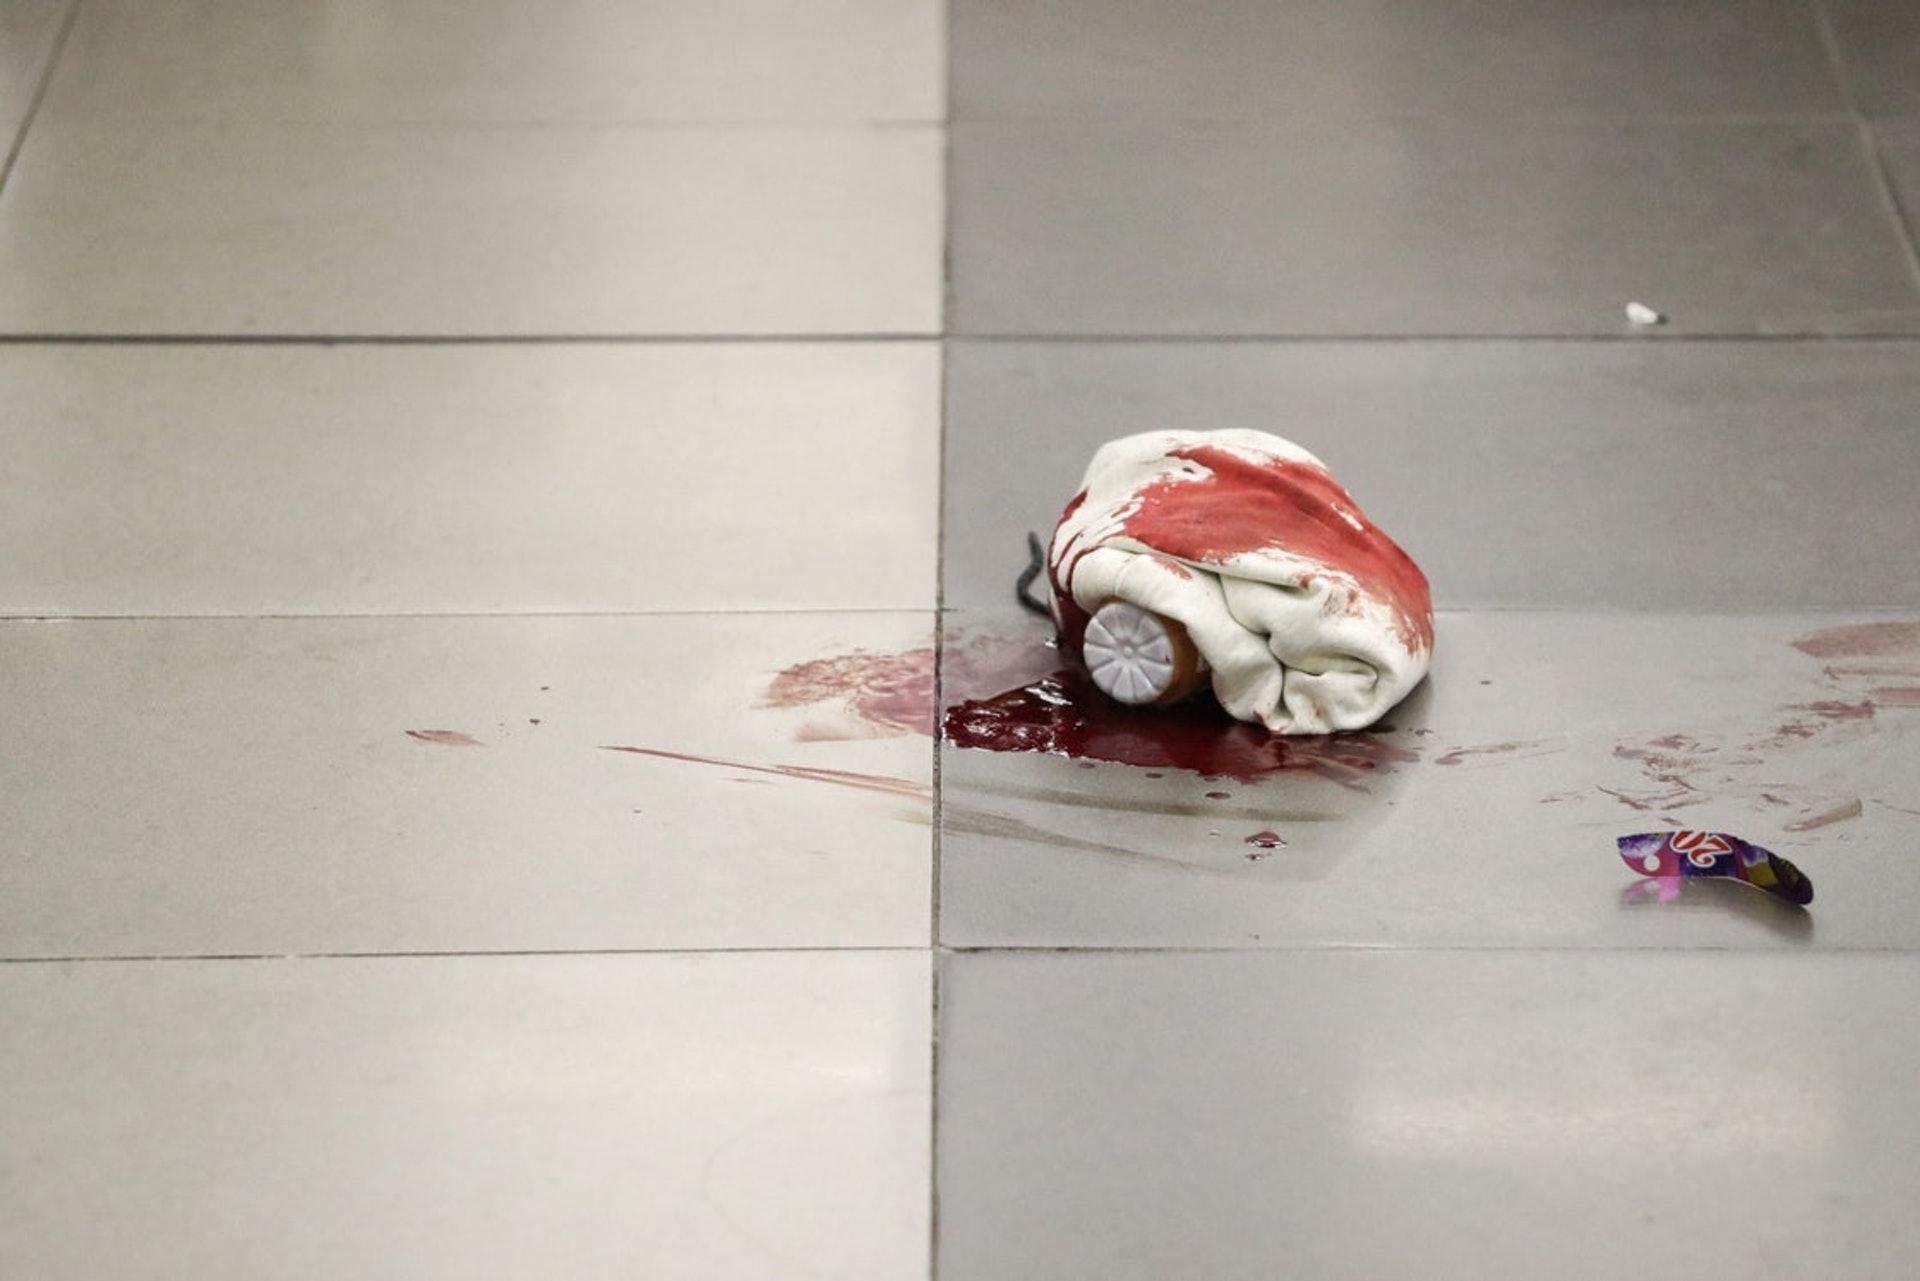 少年被警棍亂毆後頭部出血,地上留下一灘血迹。 (曾梓洋攝)